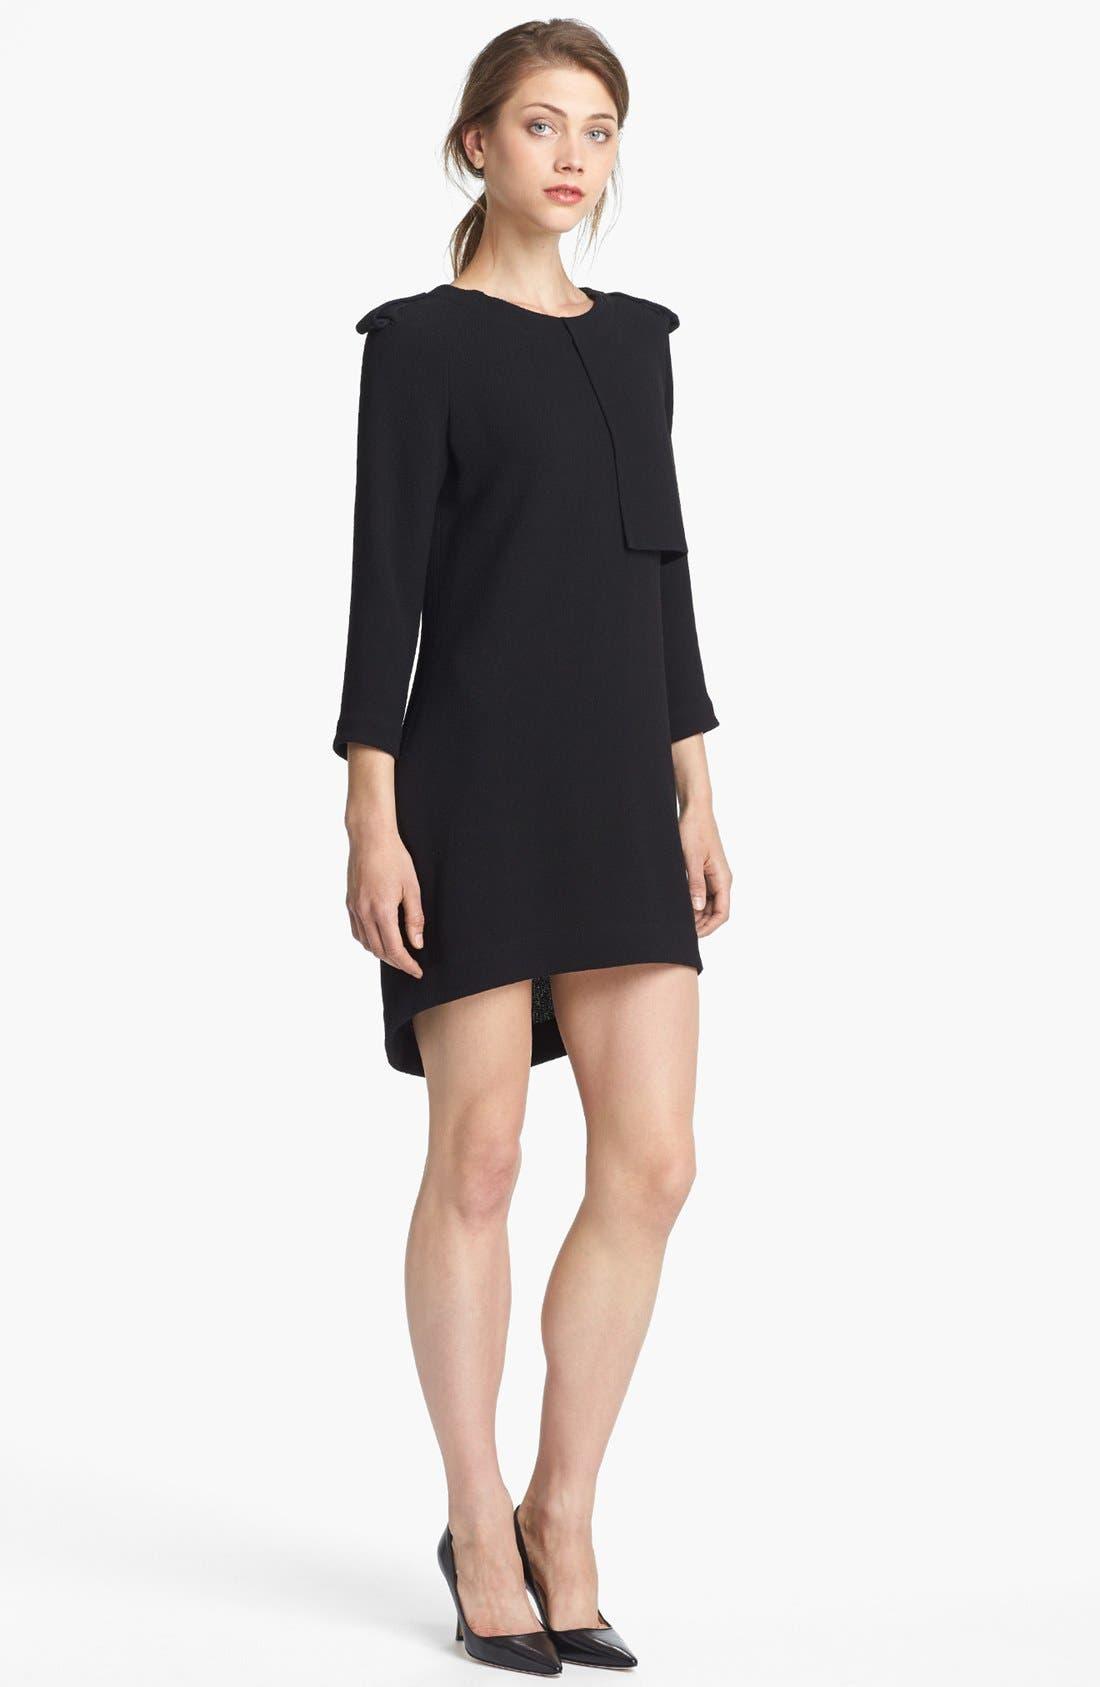 Main Image - A.L.C. 'Svieta' Wool High/Low Dress